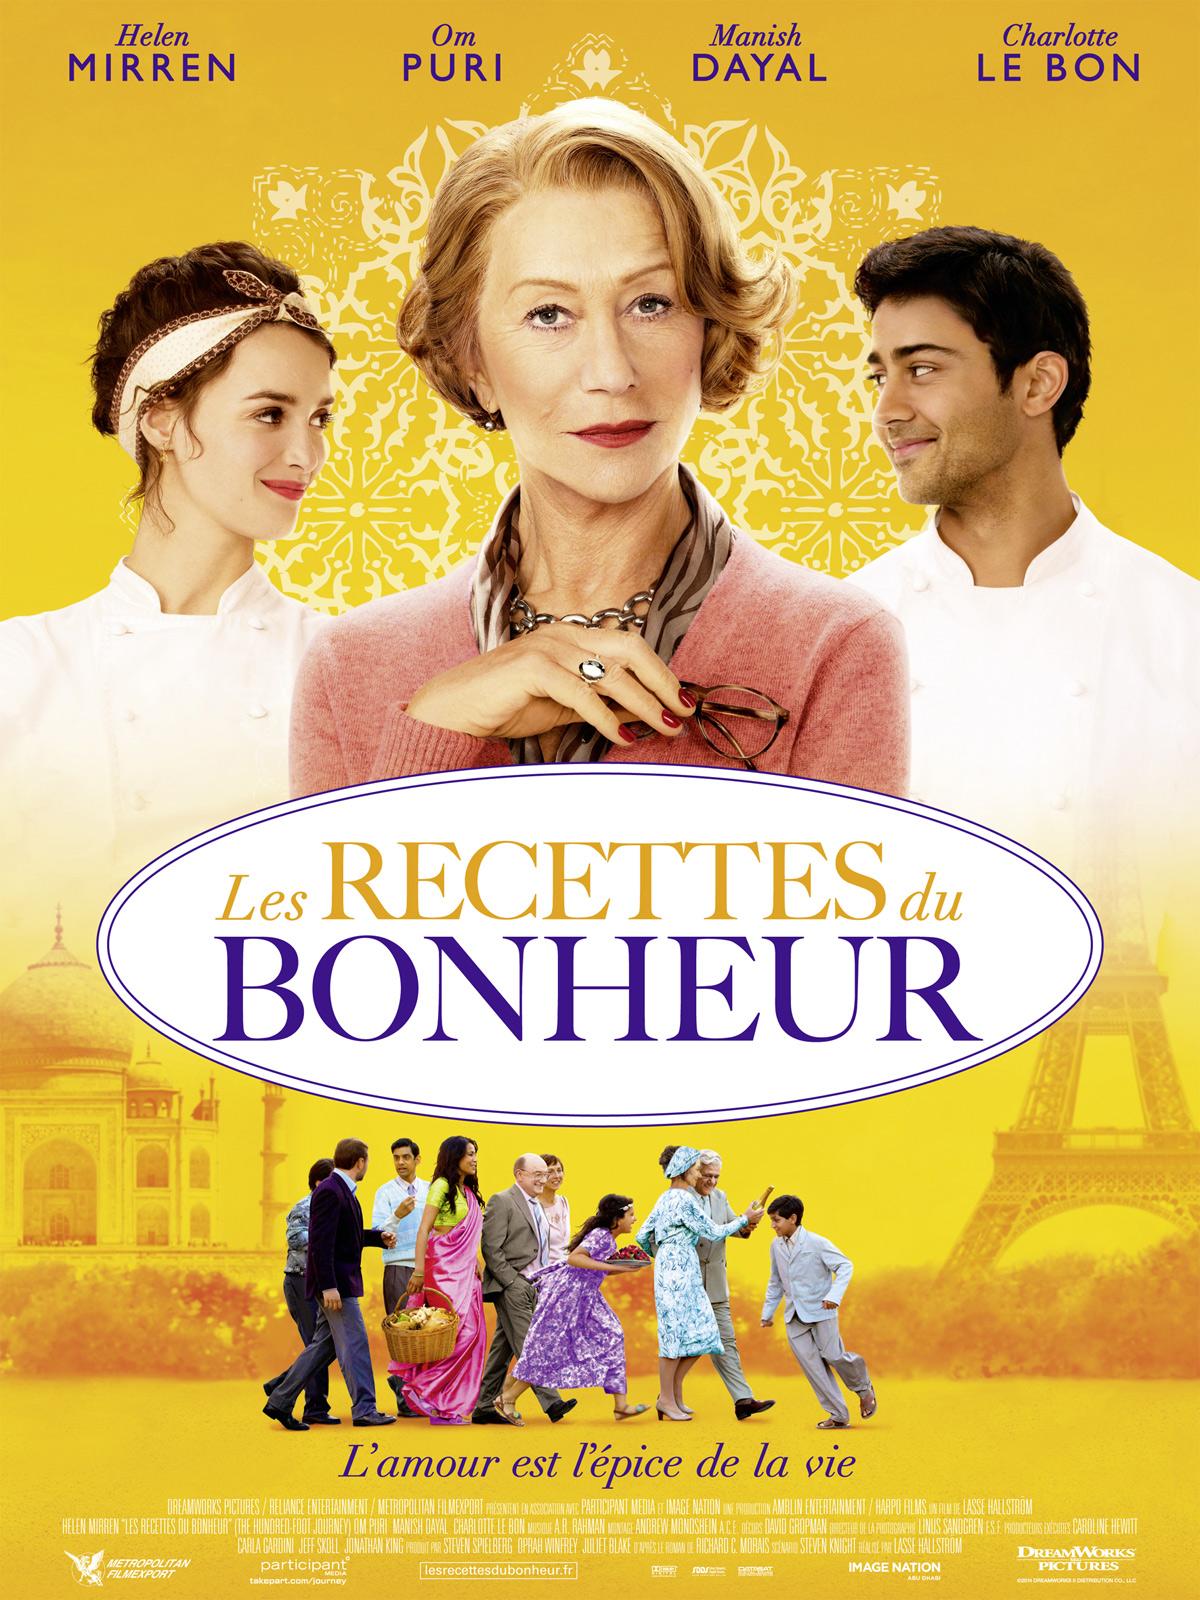 La Maison Du Bonheur Streaming : maison, bonheur, streaming, Recettes, Bonheur, AlloCiné